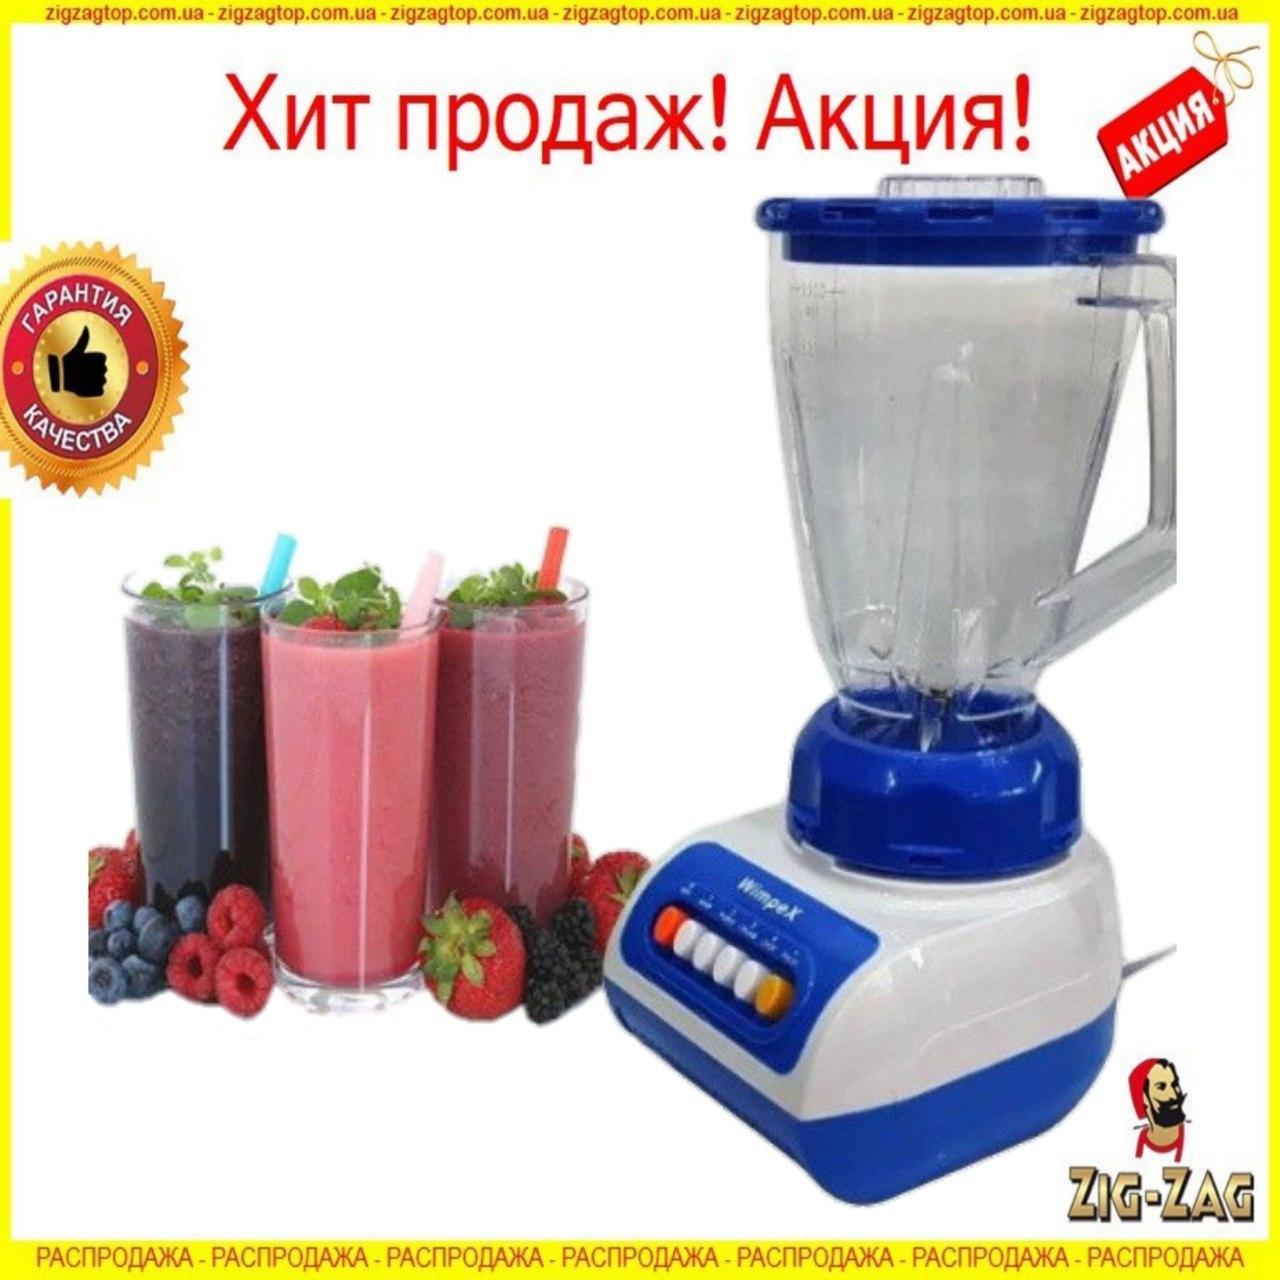 Блендер кавомолка WX-999 Wimpex 500 Ватт Подрібнювач Кухонний продуктів Електричний Побутовий 100% ЯКІСТЬ